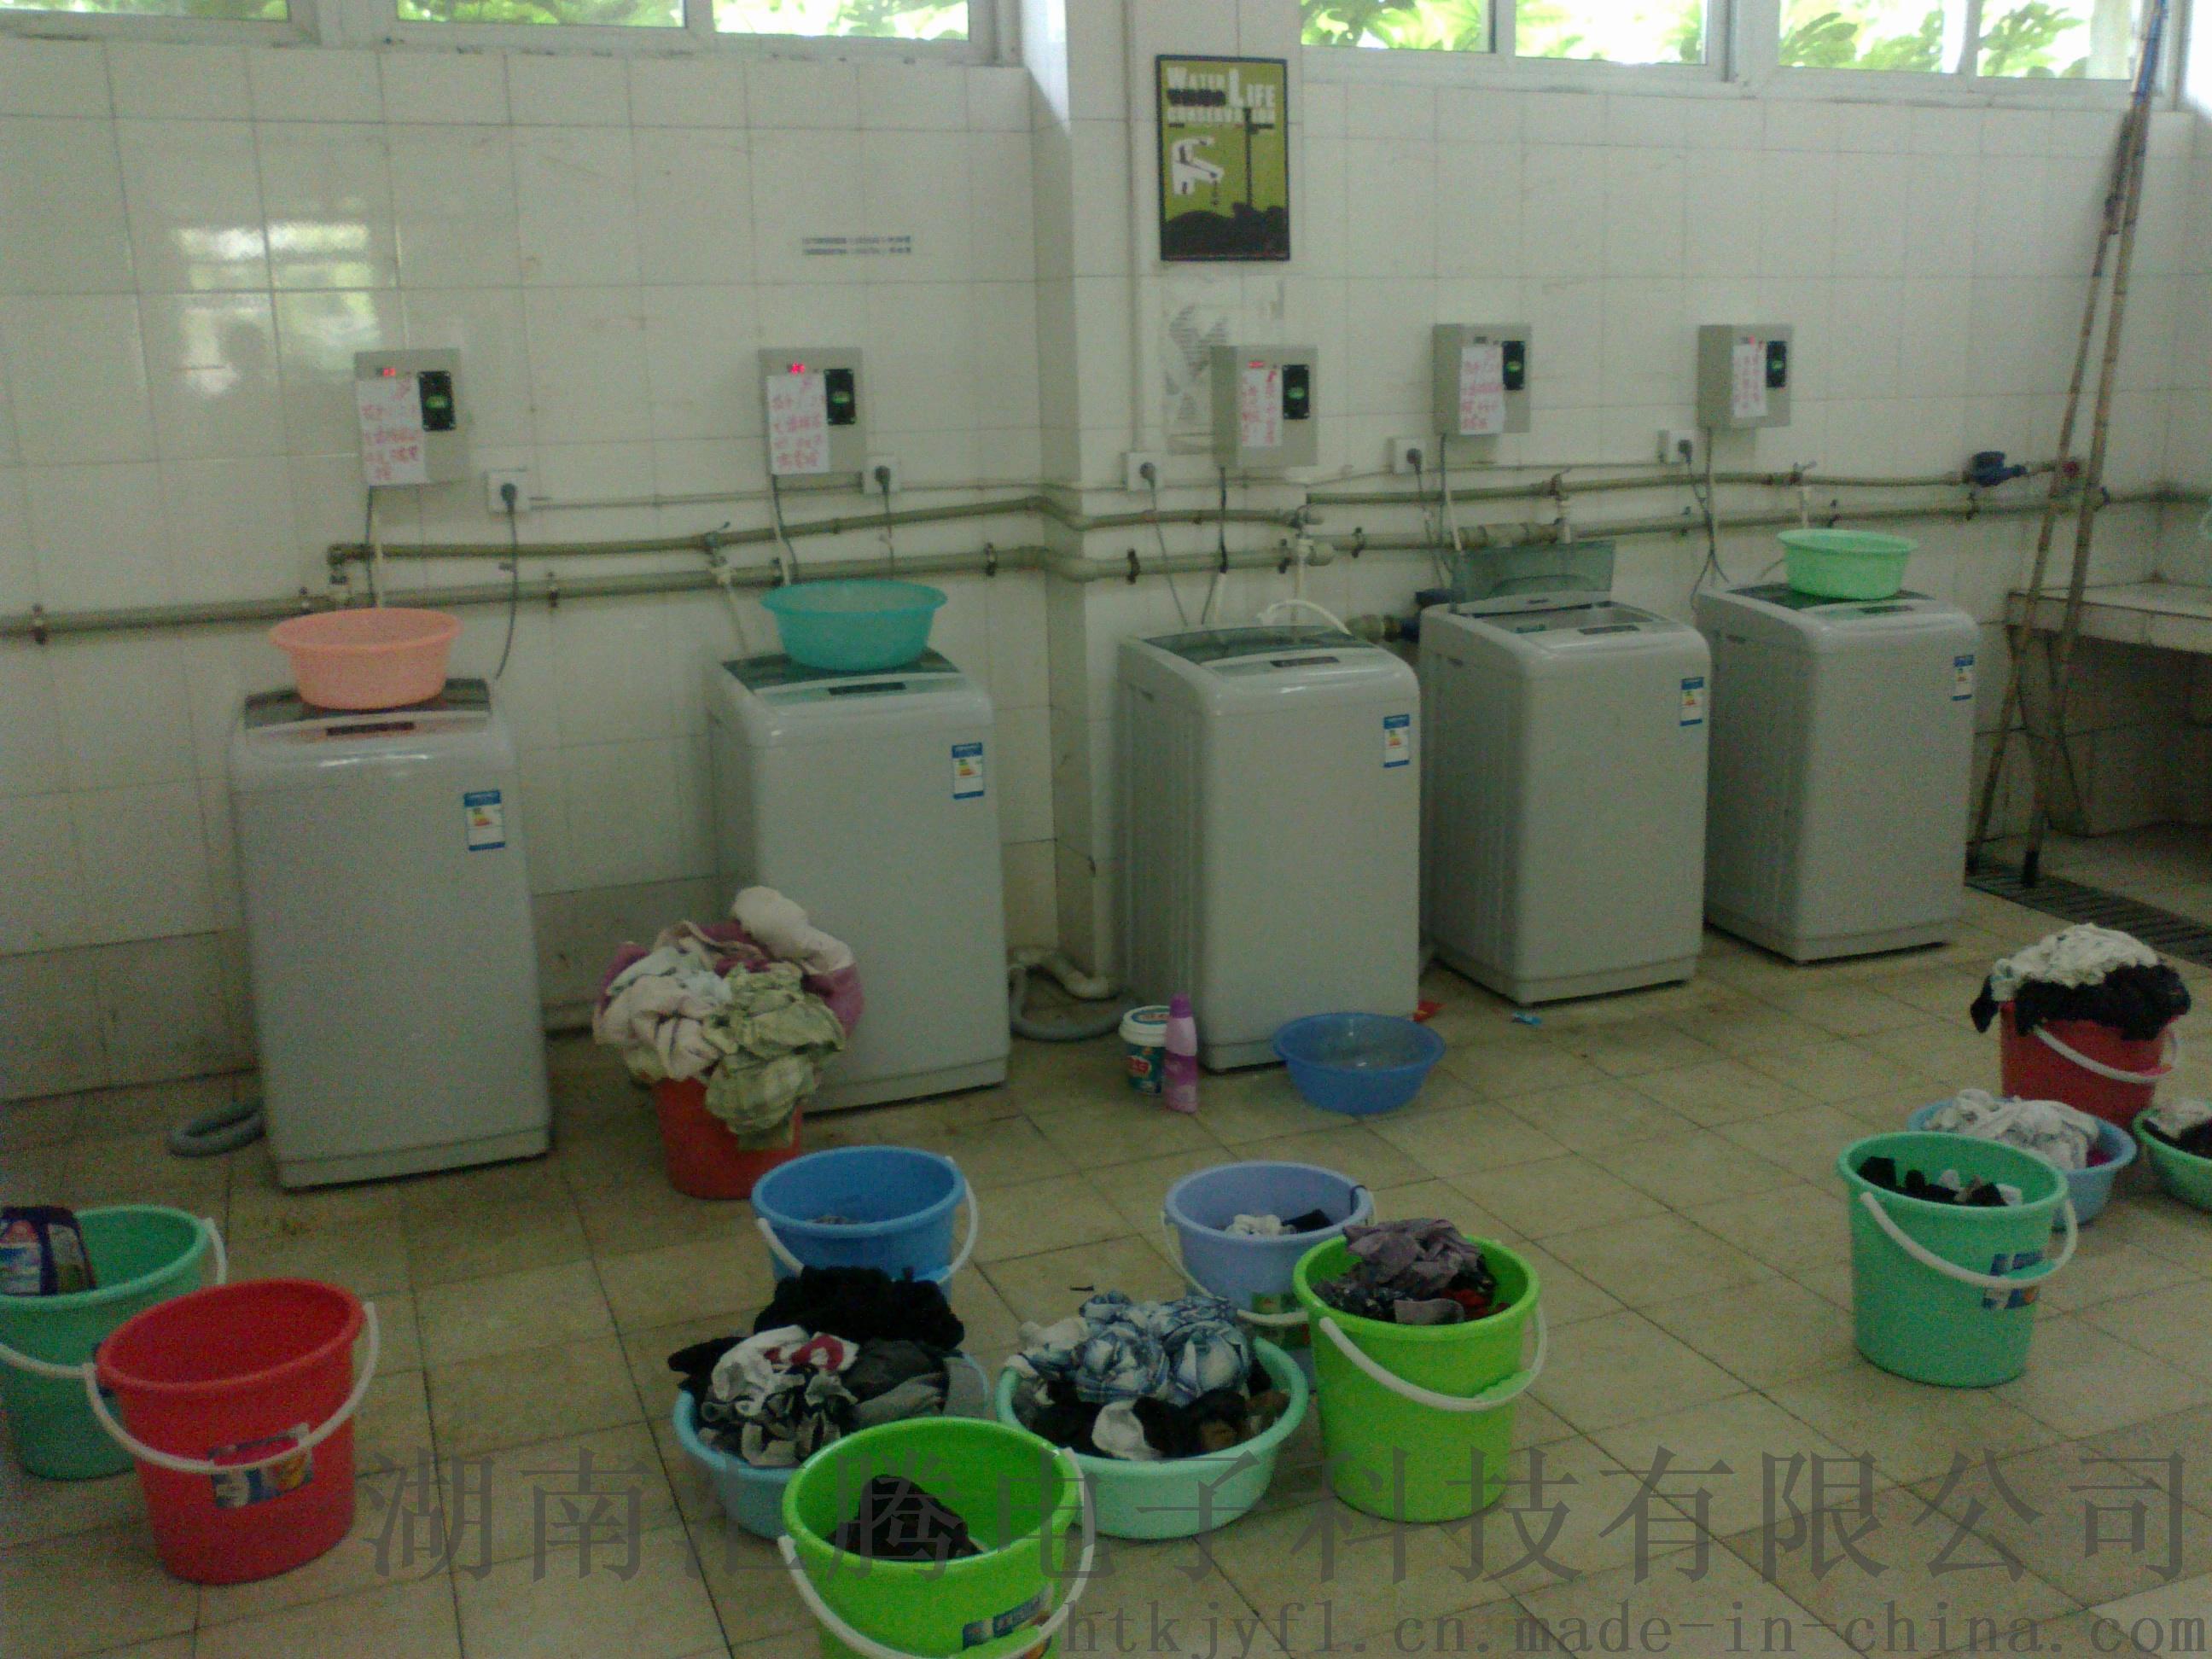 校園投幣洗衣機如何選擇?w739303792